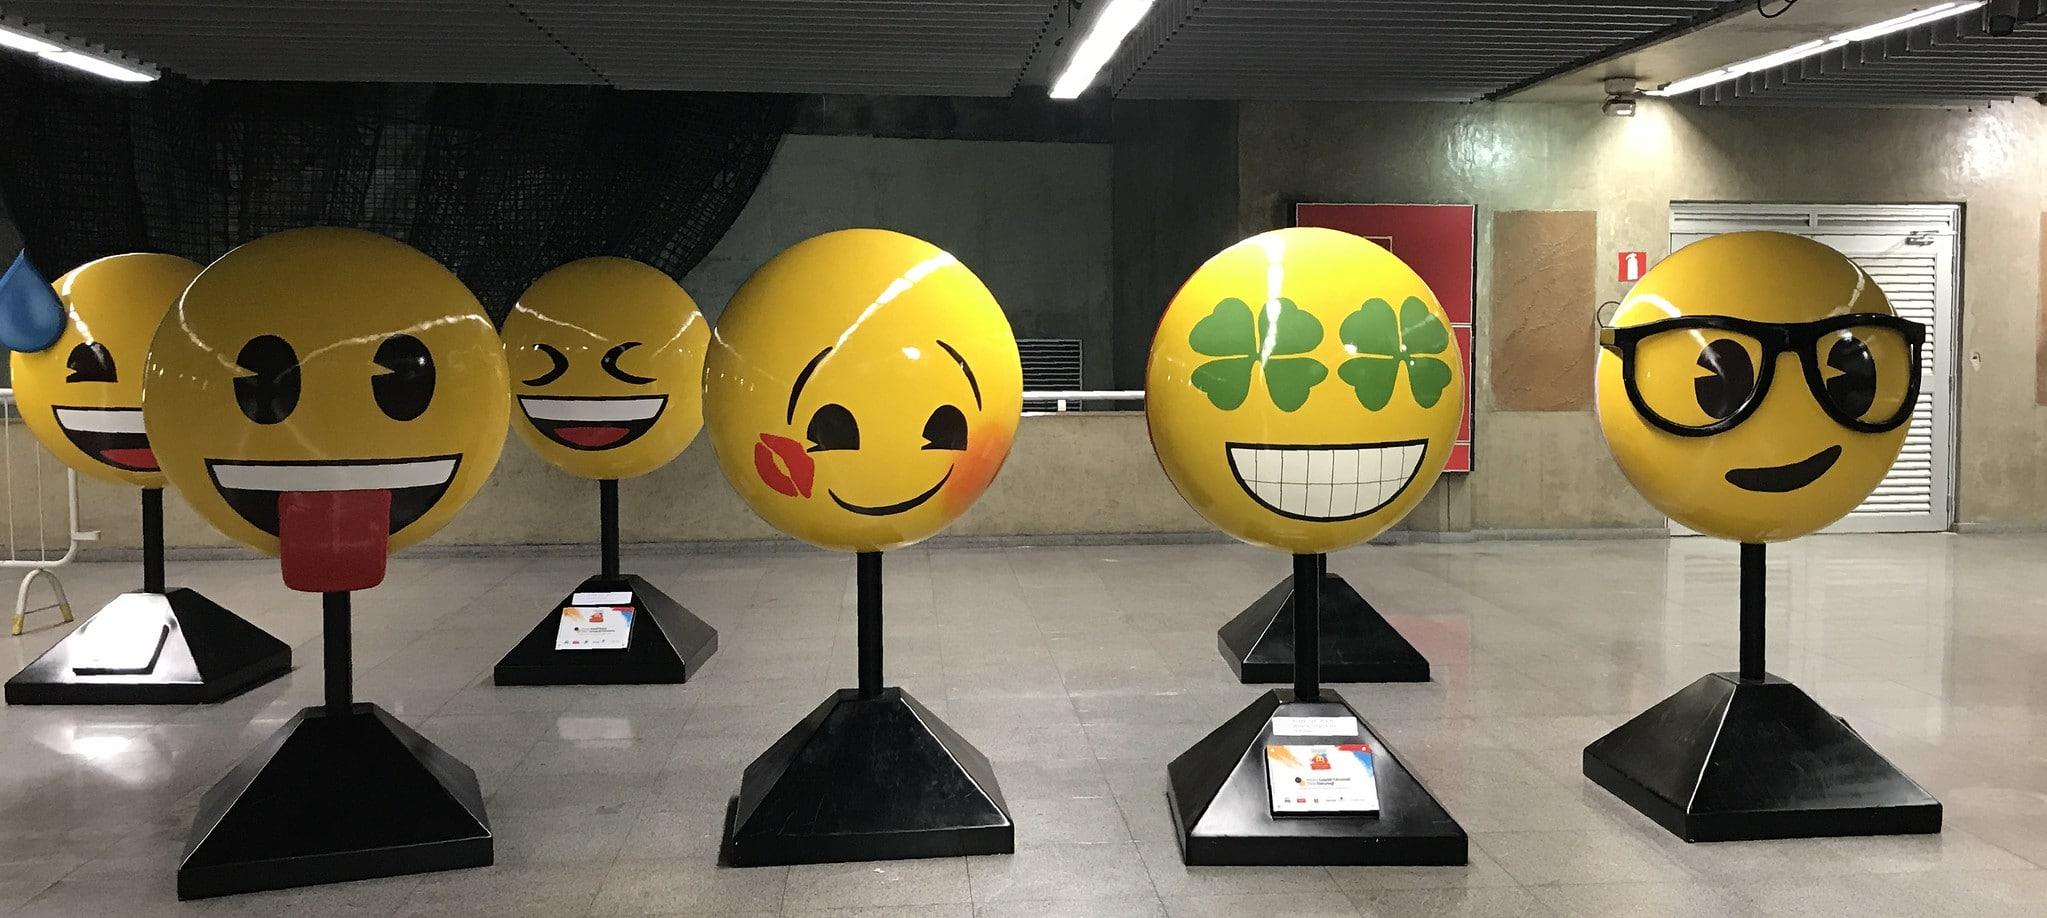 Sculture di emoji all'interno della stazione metropolitana di San Paolo in Brasile. Immagine ripresa da Flickr/Elias Rovielo in licenza CC.